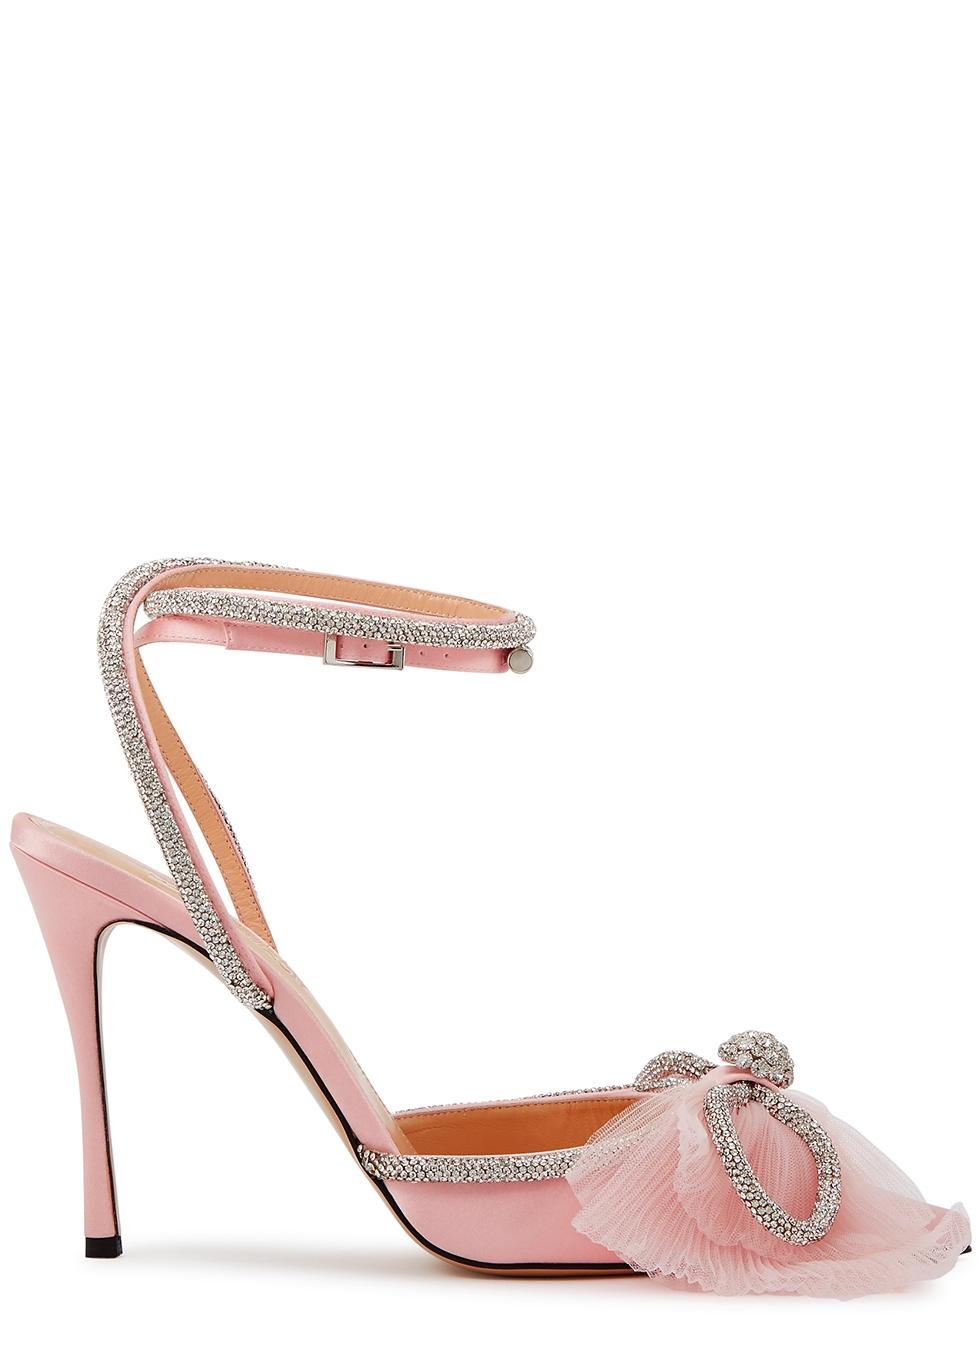 110 light pink crystal-embellished satin pumps